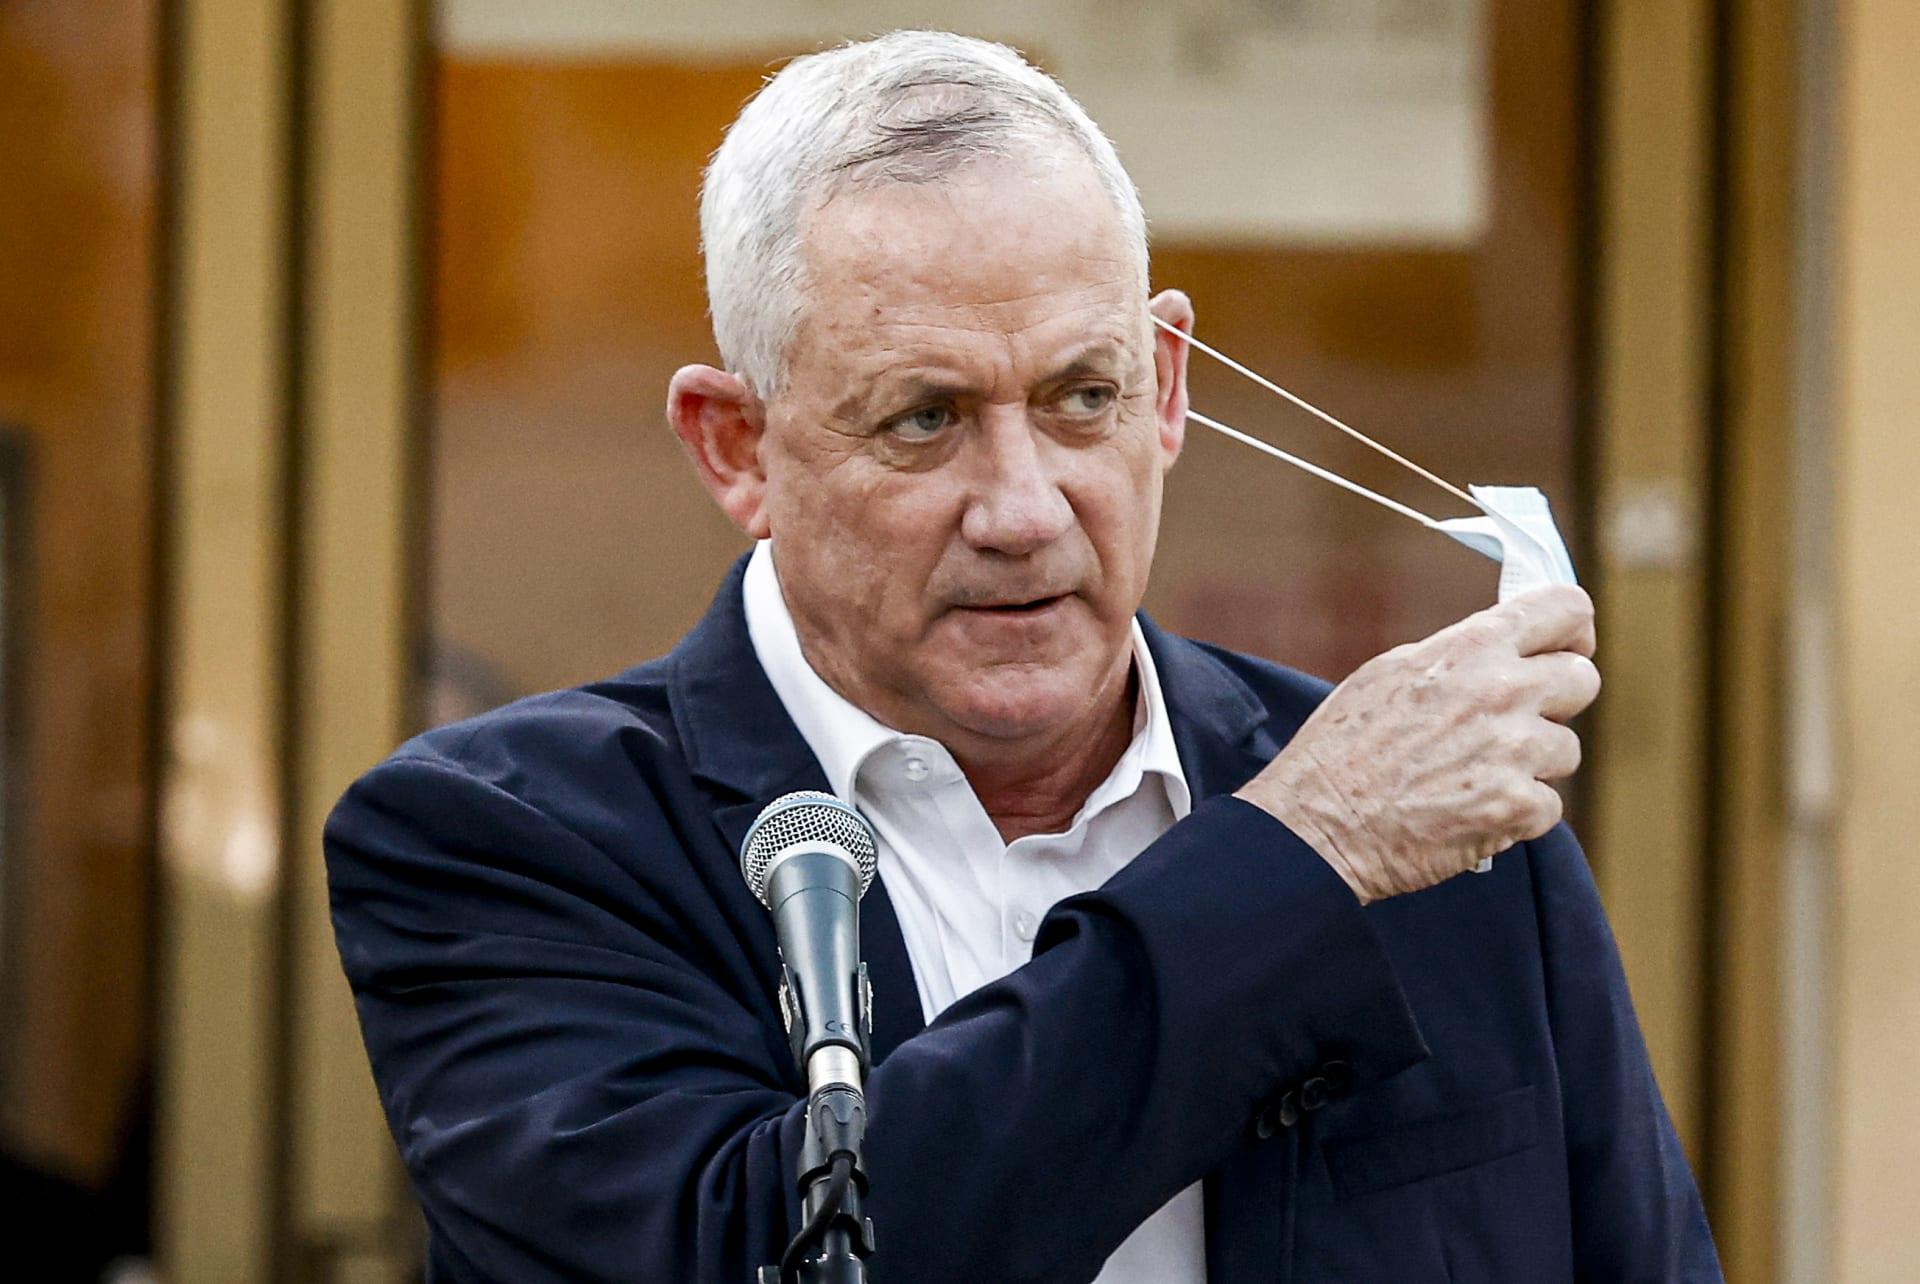 وزير الدفاع الإسرائيلي: إيران قد تكون مسؤولة عن انفجار سفينة مملوكة لإسرائيل